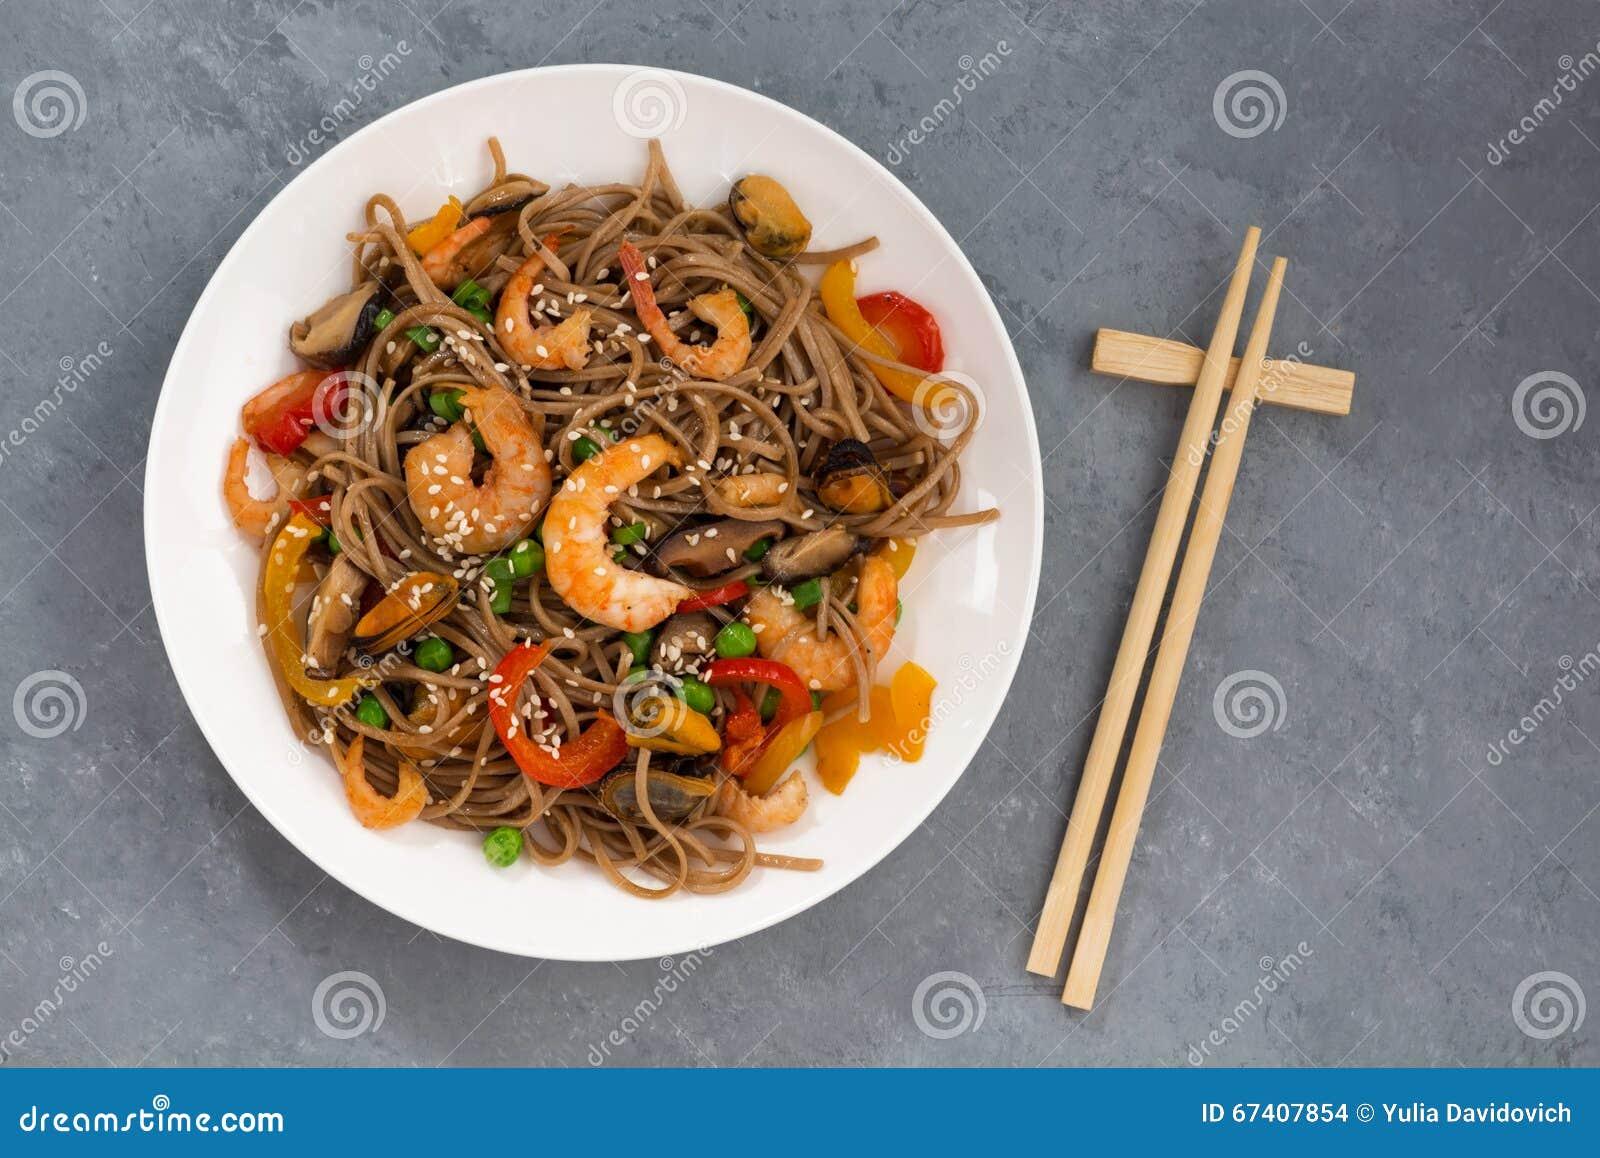 Nouilles épicées de sarrasin avec des fruits de mer et des légumes, vue supérieure